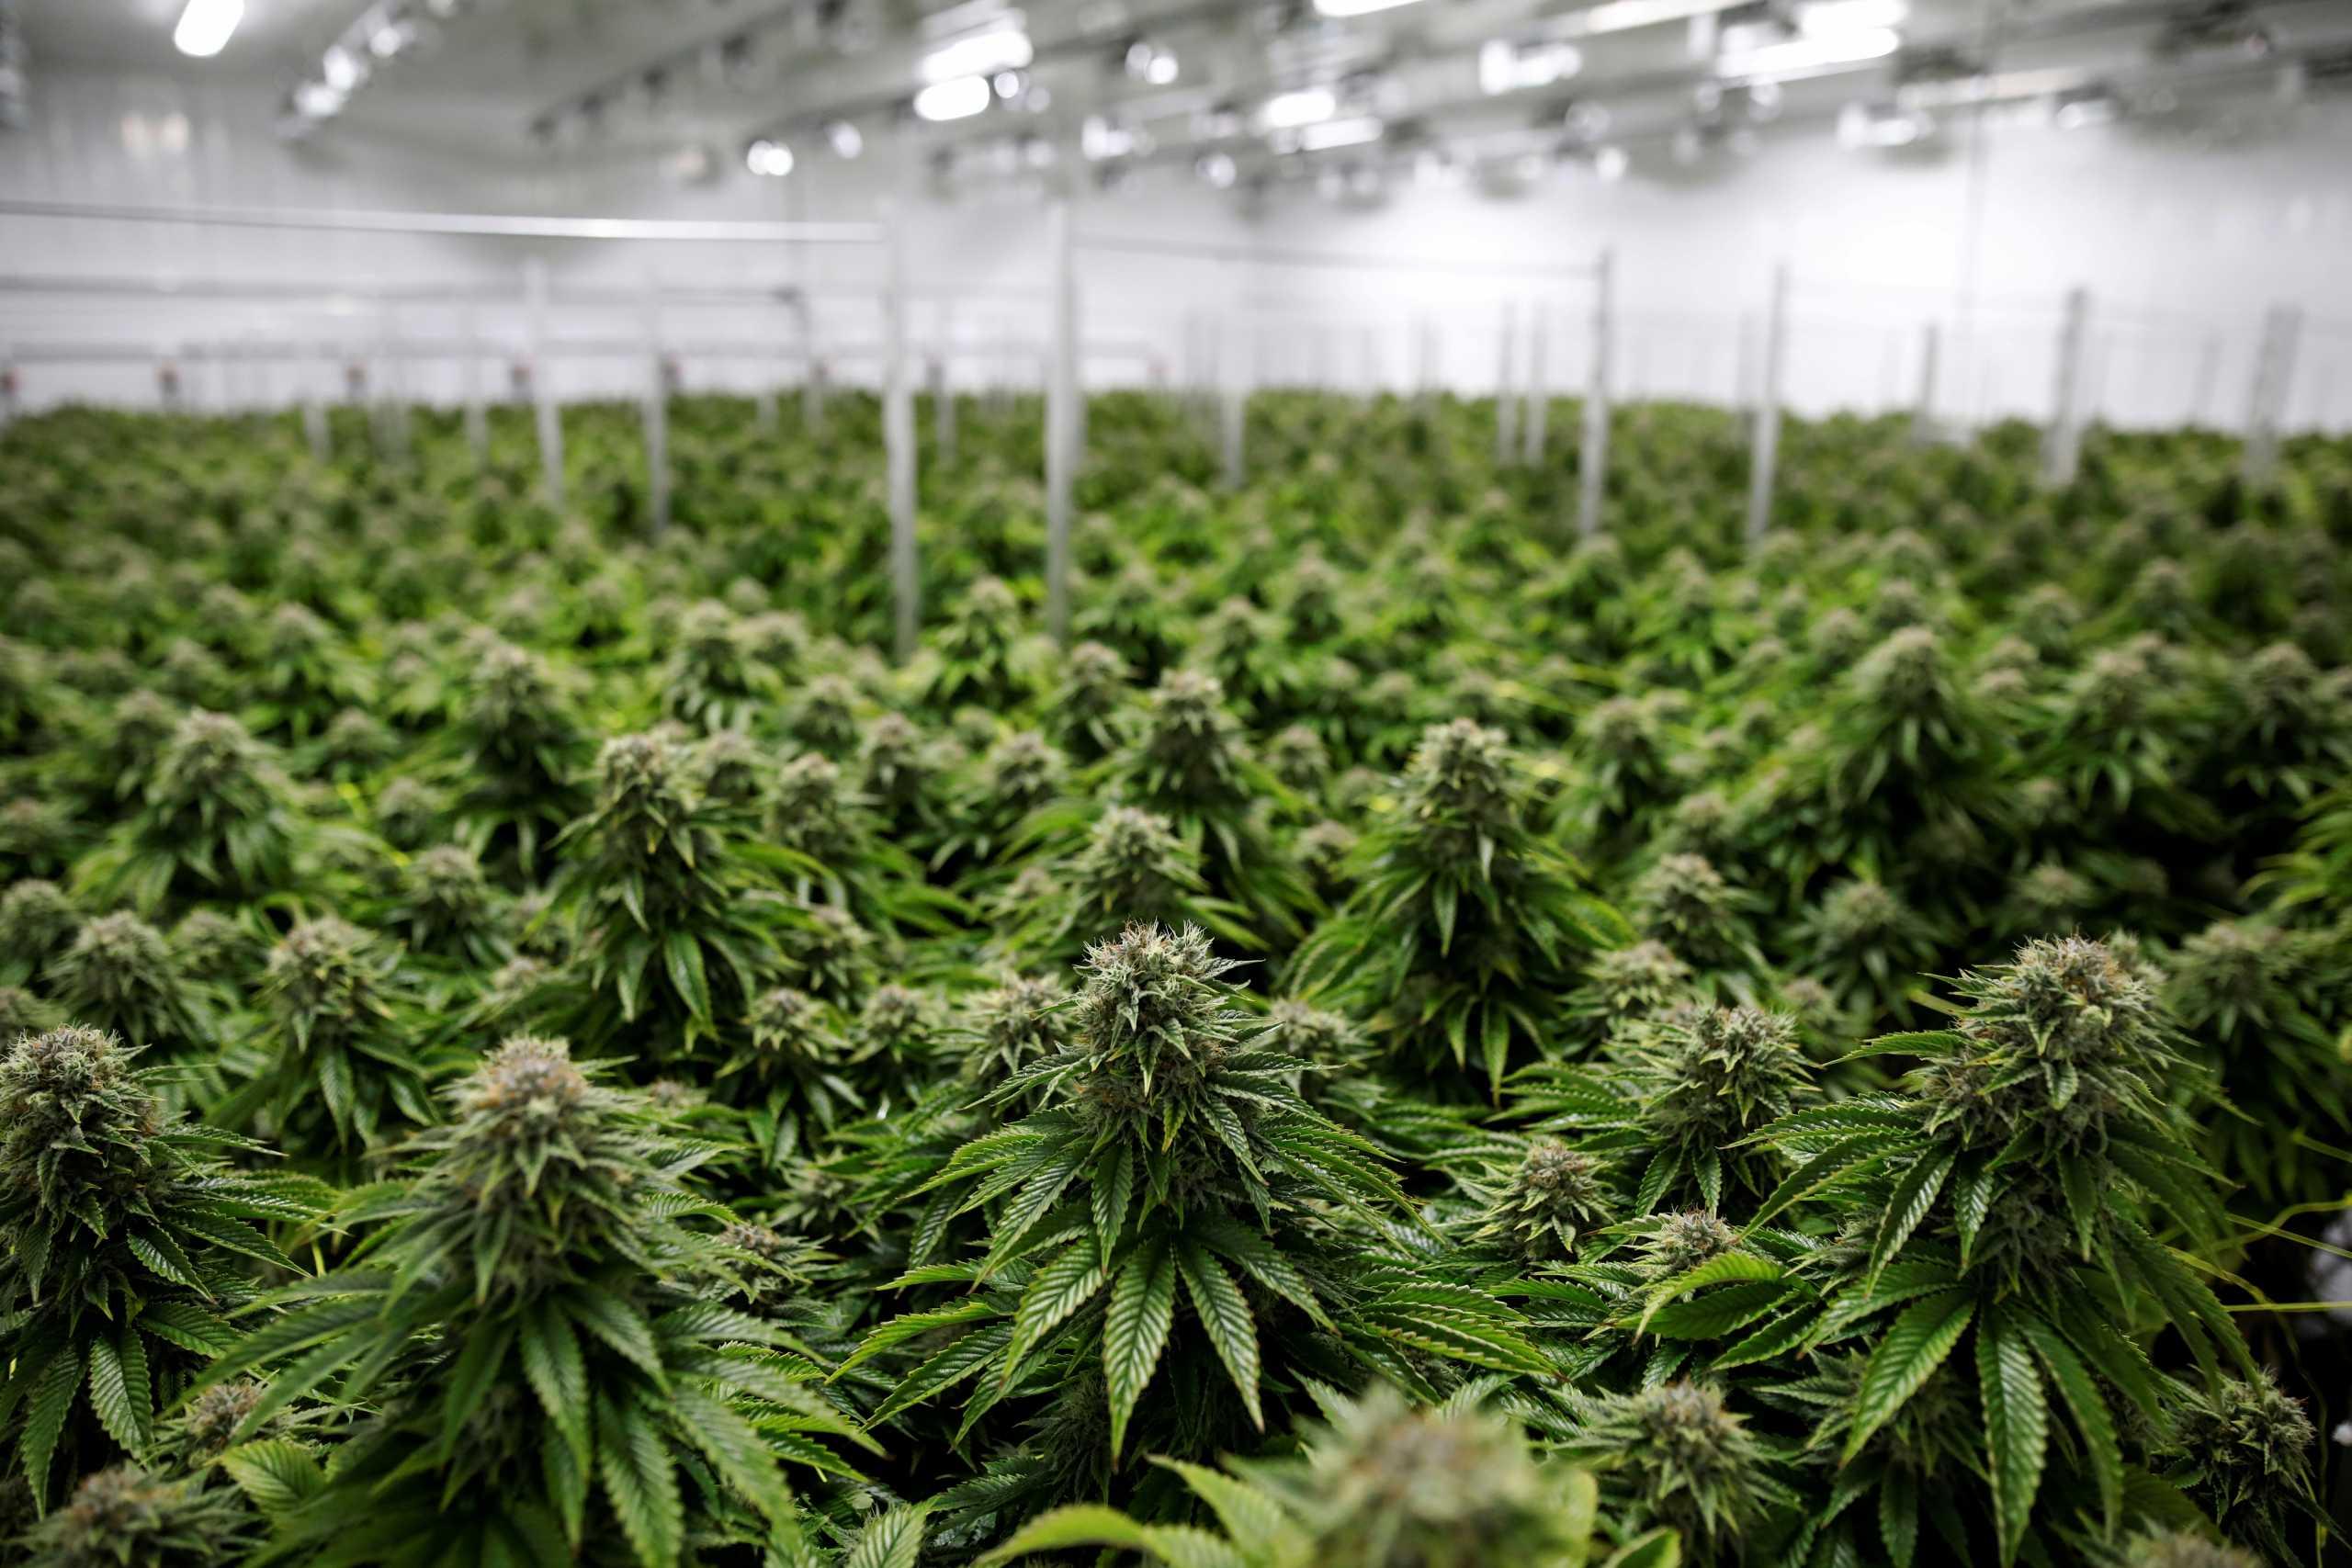 Μαριχουάνα… non stop στη Νέα Υόρκη: Νόμιμη η χρήση και για ψυχαγωγικούς σκοπούς